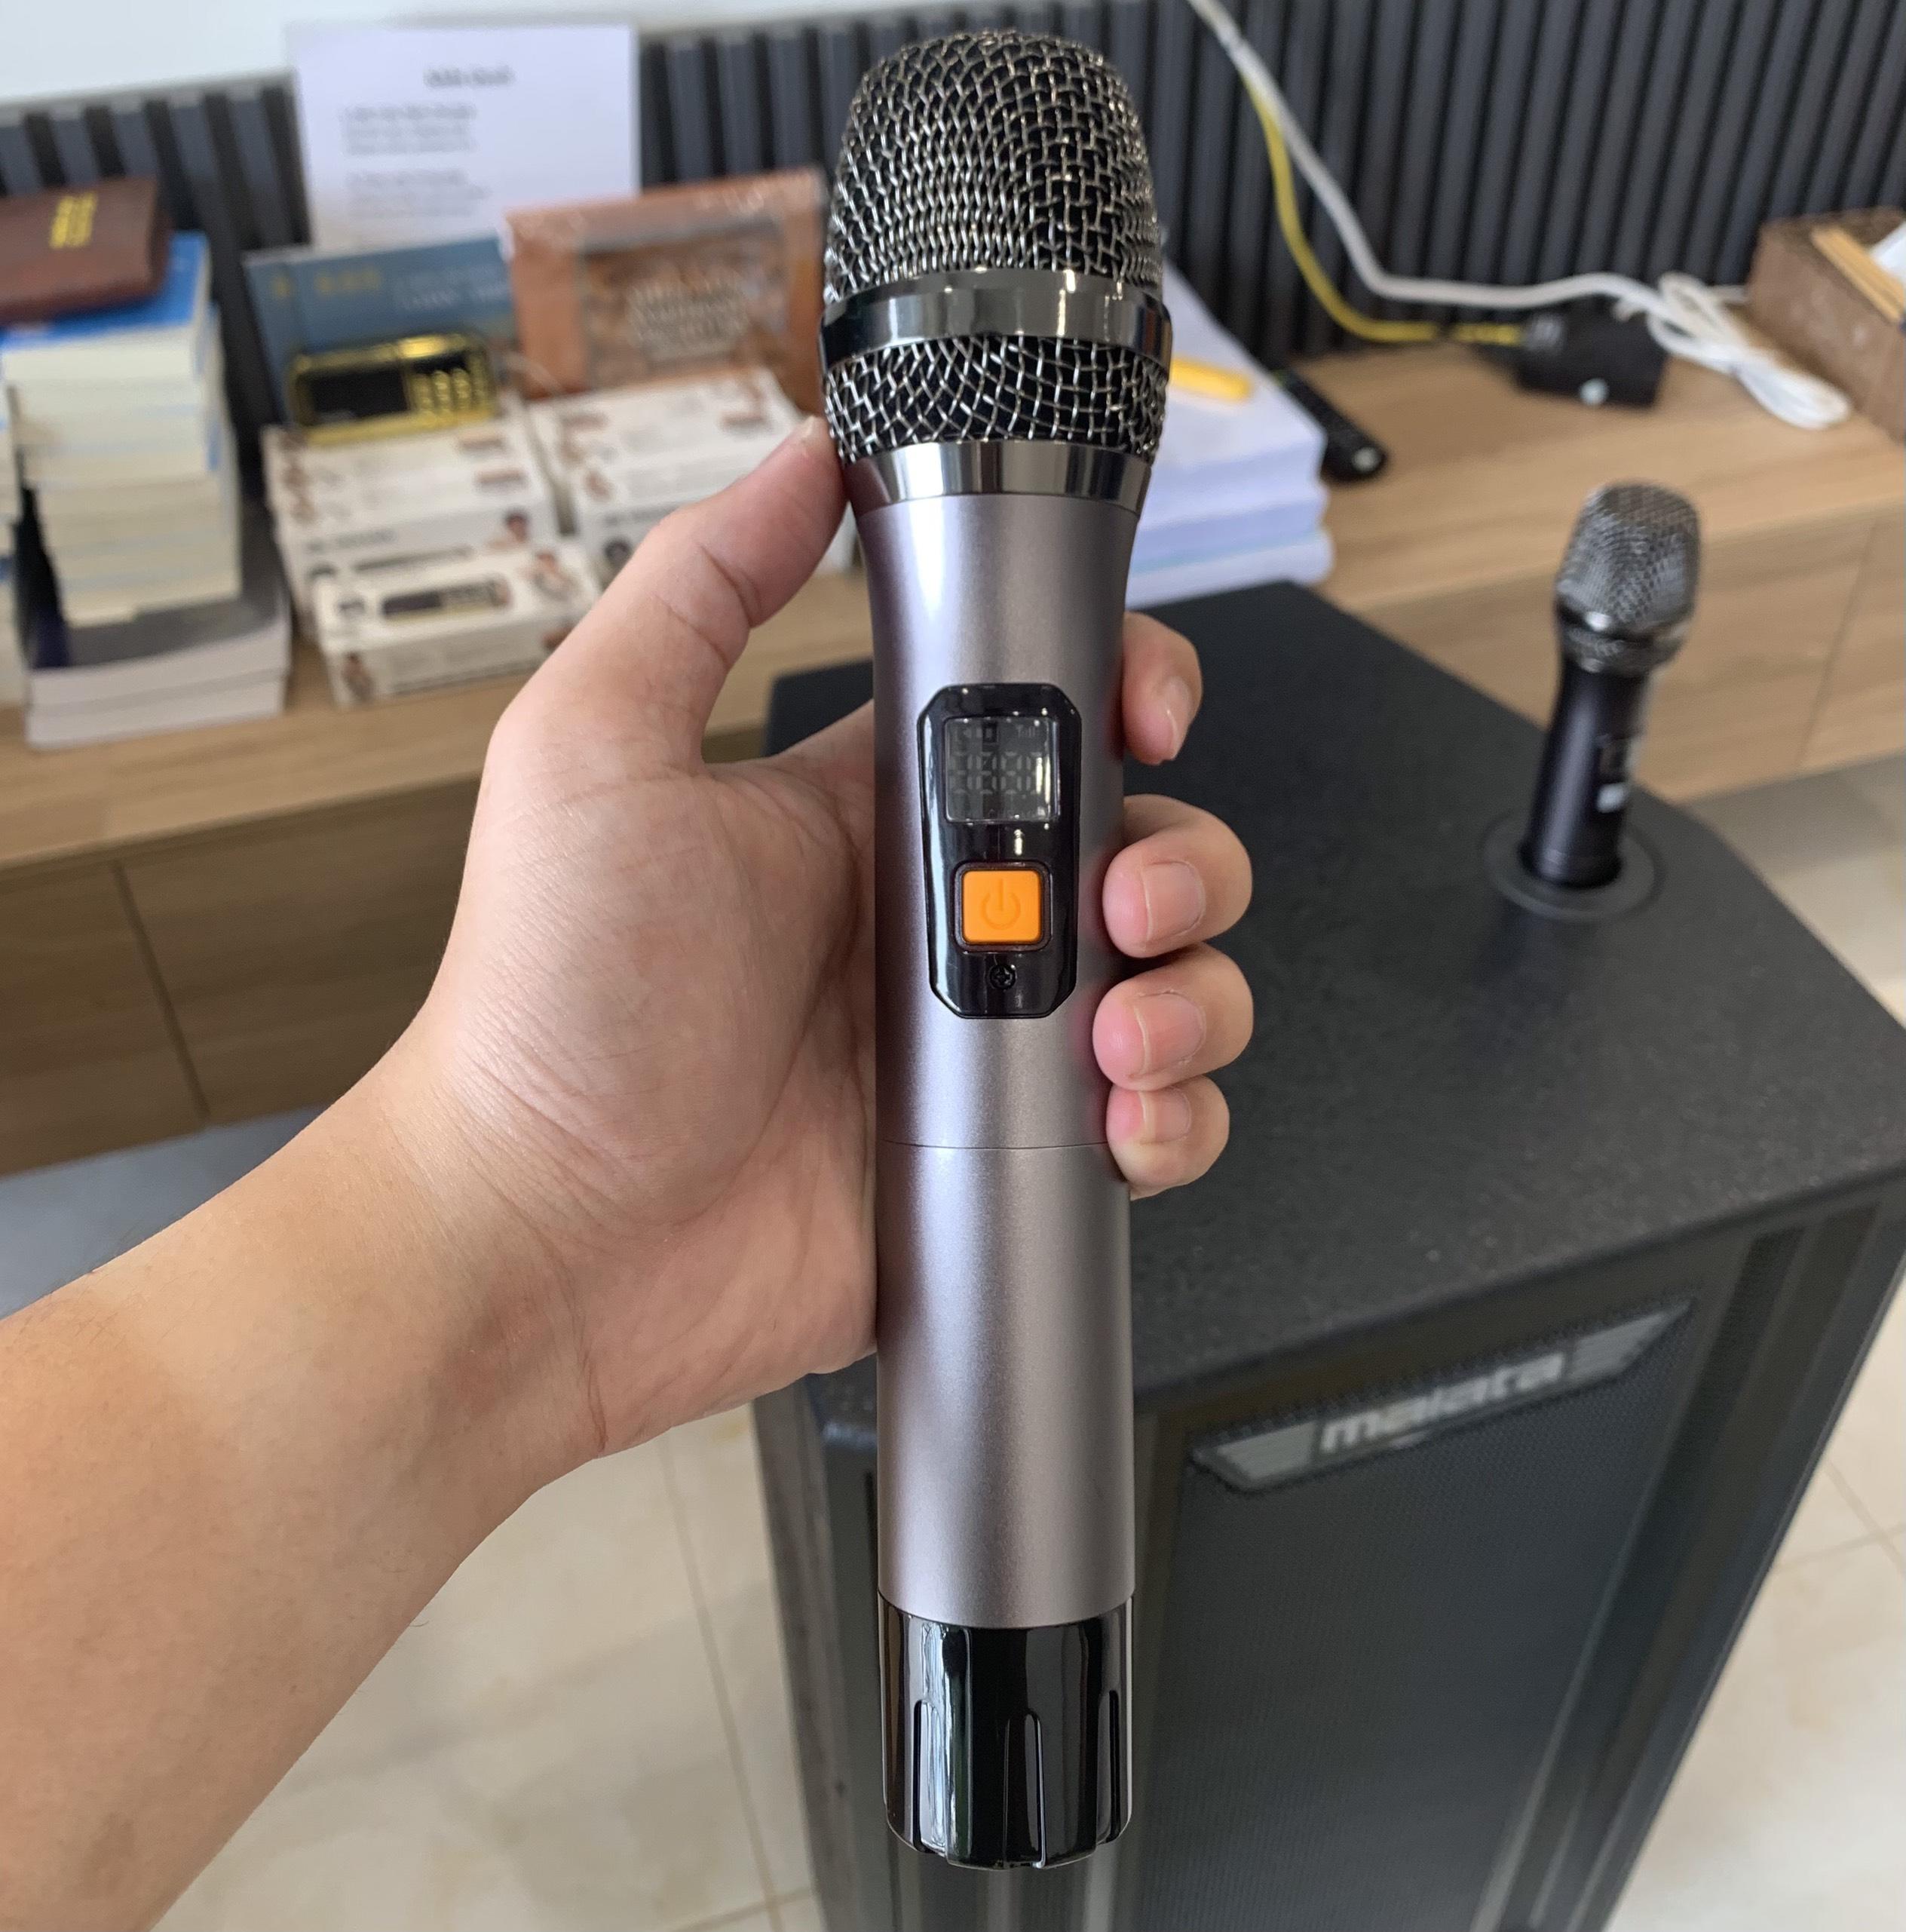 Loa Kéo Karaoke Malata 9041 PY ( Mẫu mới nhất 2020 Tặng kèm 2 Micro Nhôm Đúc ) - Hàng chính hãng MALATA